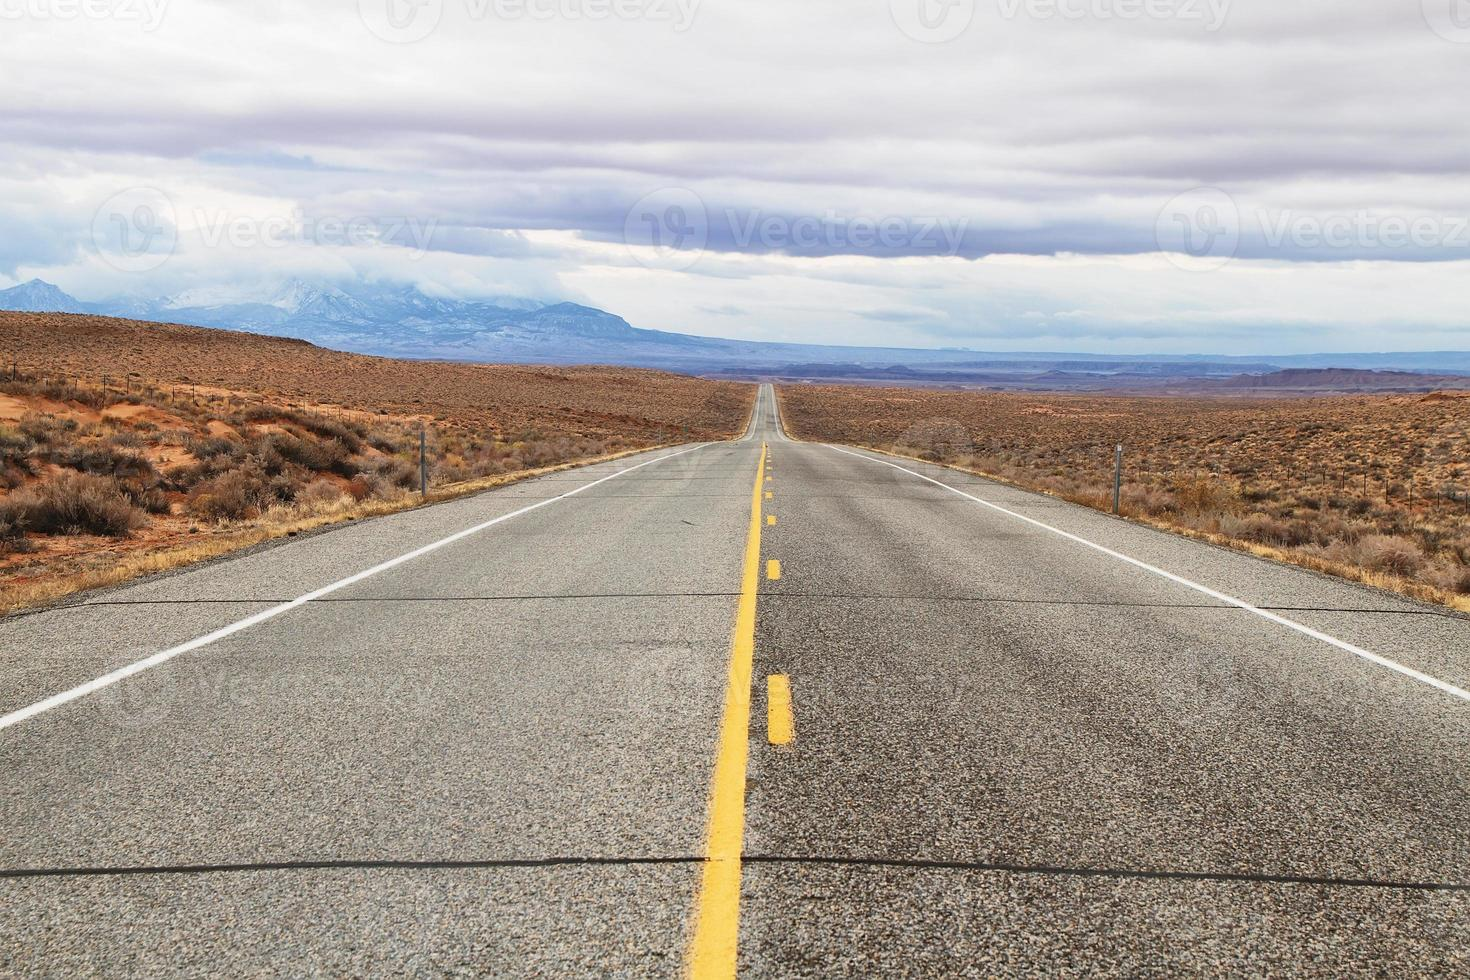 carretera escénica 24, centro de utah, estados unidos foto